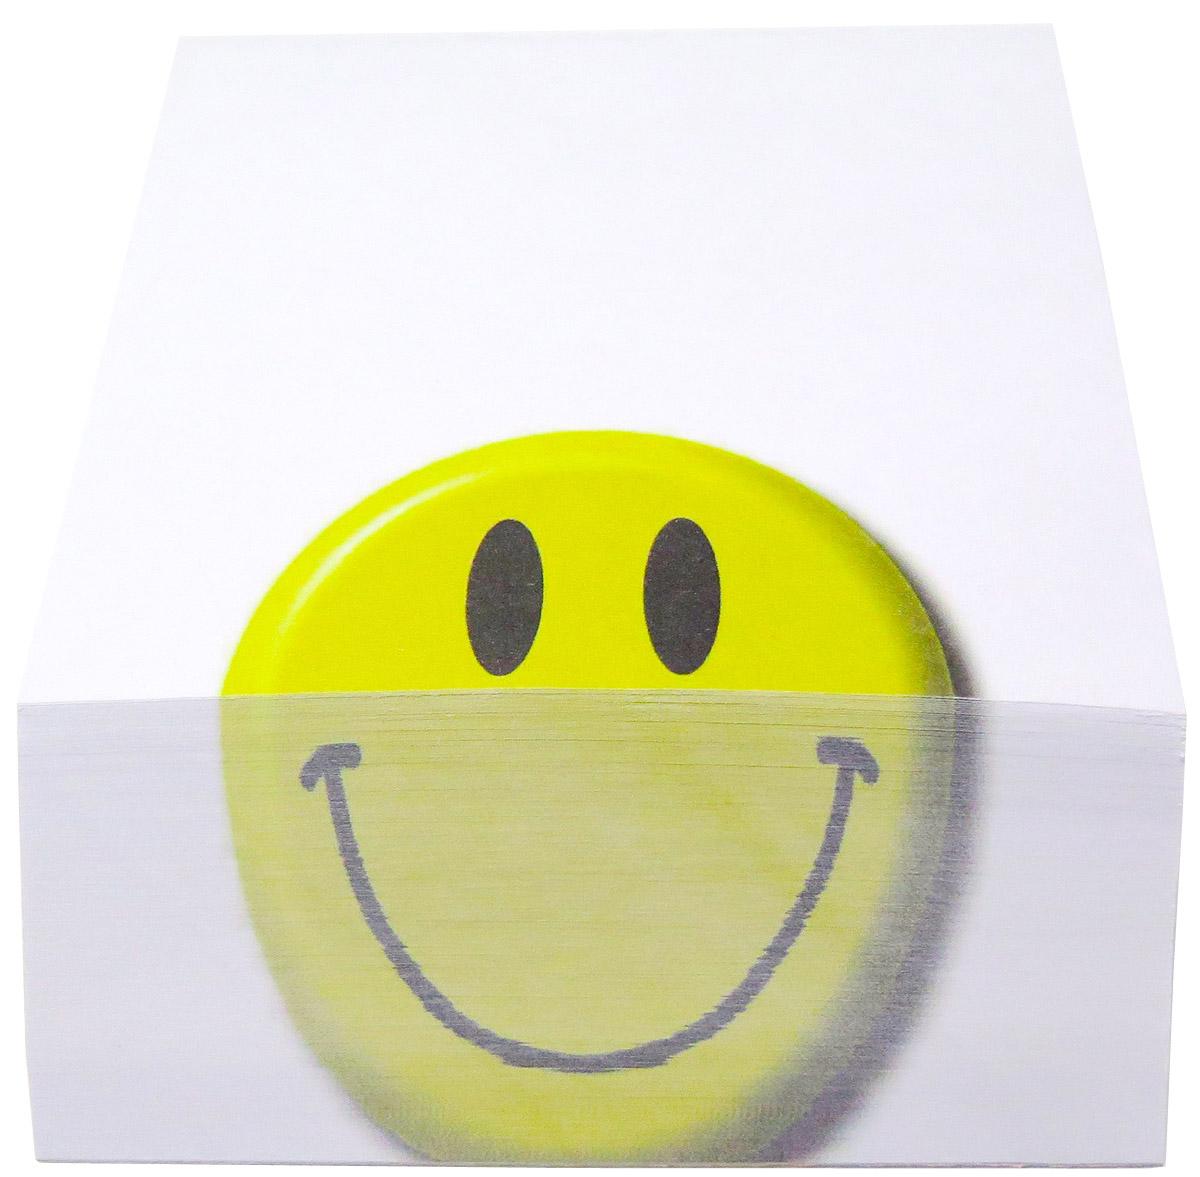 Фолиант Блок для записей Смайлик 9 х 11 см 300 листовБКД-300А10Блок бумаги Фолиант Смайлик идеально подходит для быстрой фиксации информации. Блок бумаги выполнен с декоративным срезом, с проявлением отпечатанного изображения на торце.Блок бумаги изготовлен на картонной подложке, листы проклеены по торцу. Благодаря специальной проклейки, листы блока не рассыпаются. Порядок на столе гарантирован. Печать на листах добавит вам хорошего настроения. Особенности - наличие декоративного среза; листы склеены в блок.